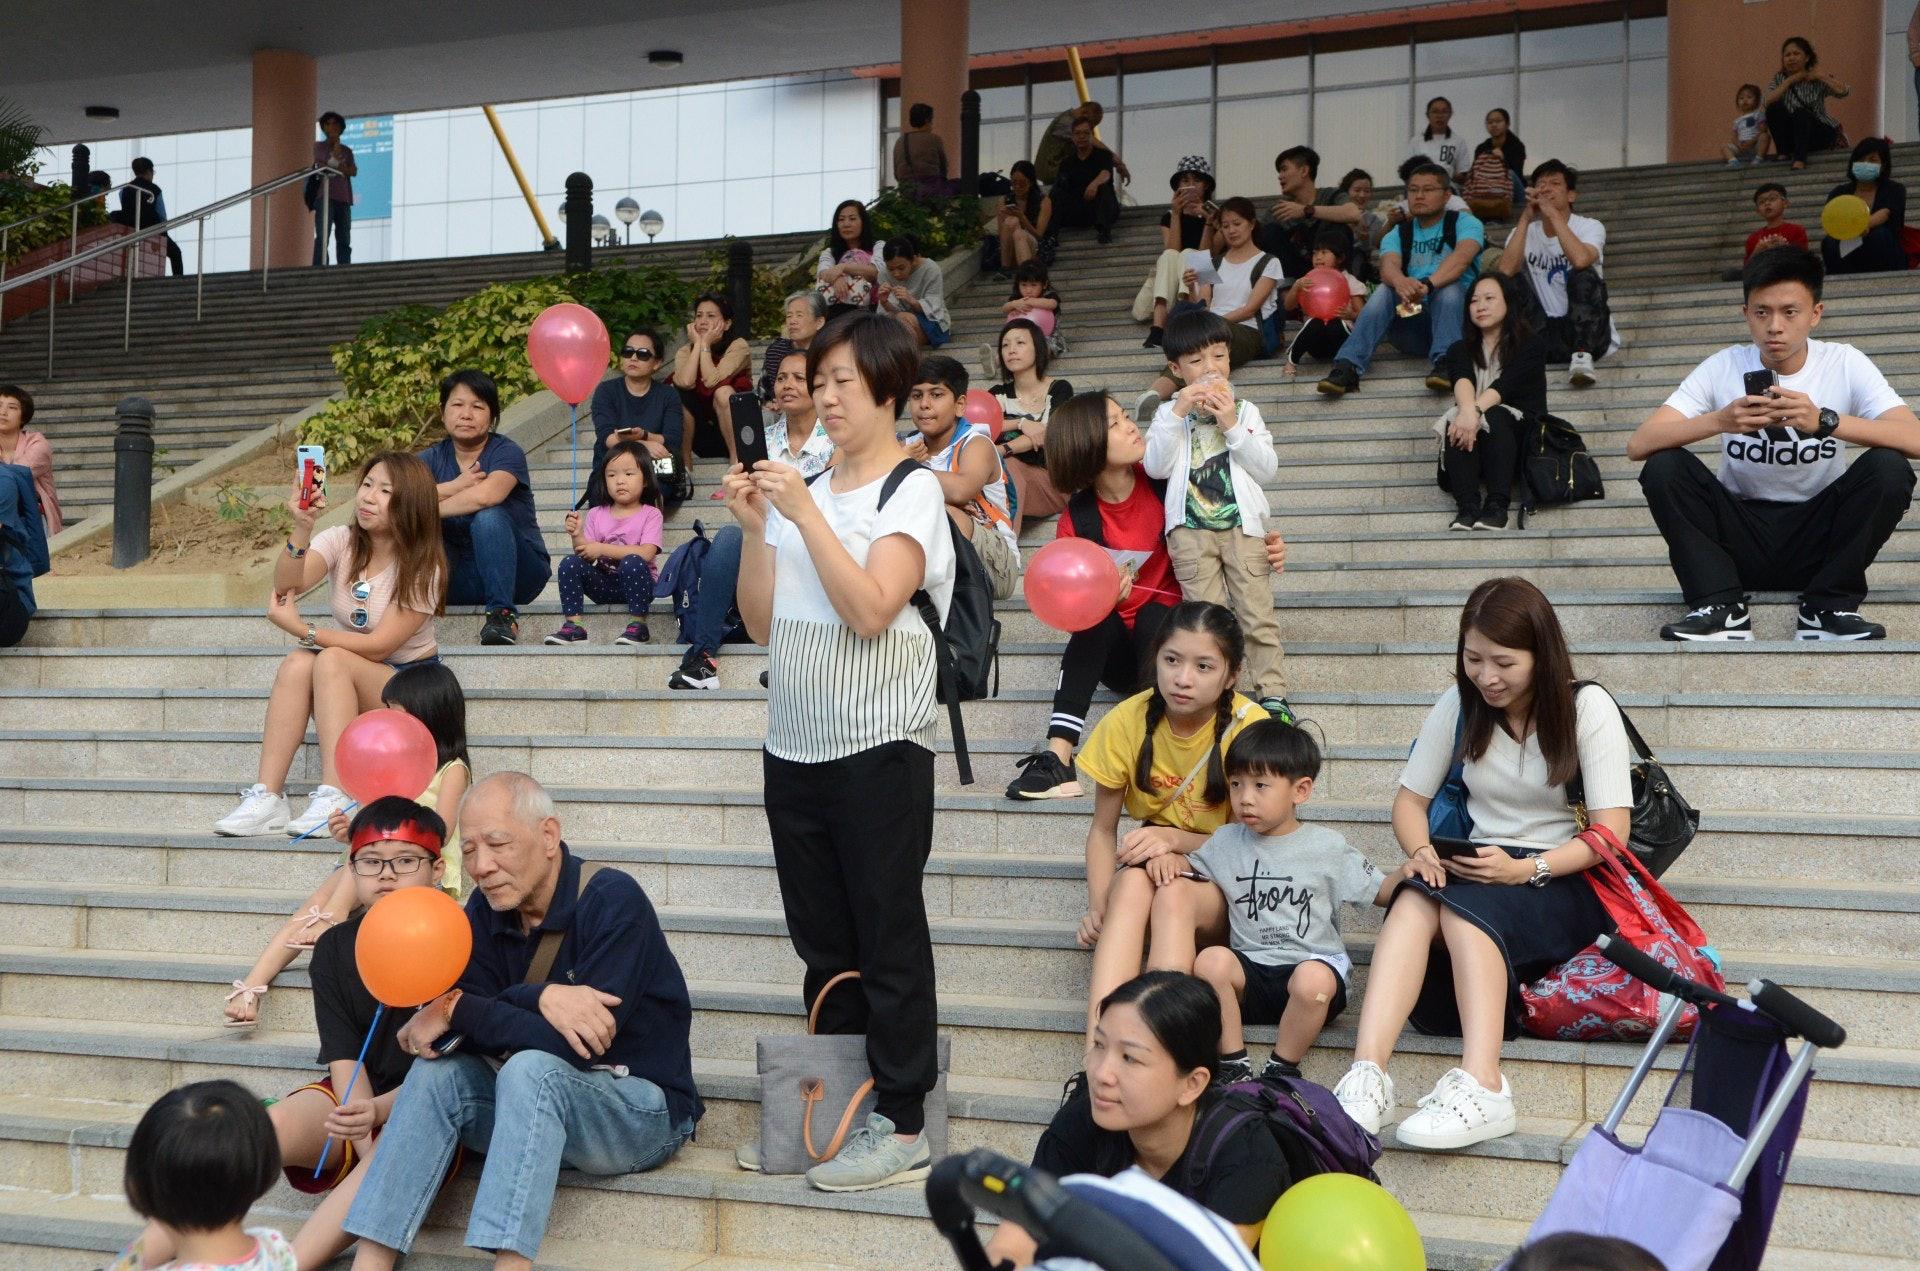 天虹小學的學生busking時,吸引不少市民駐足欣賞。(陳展希攝)